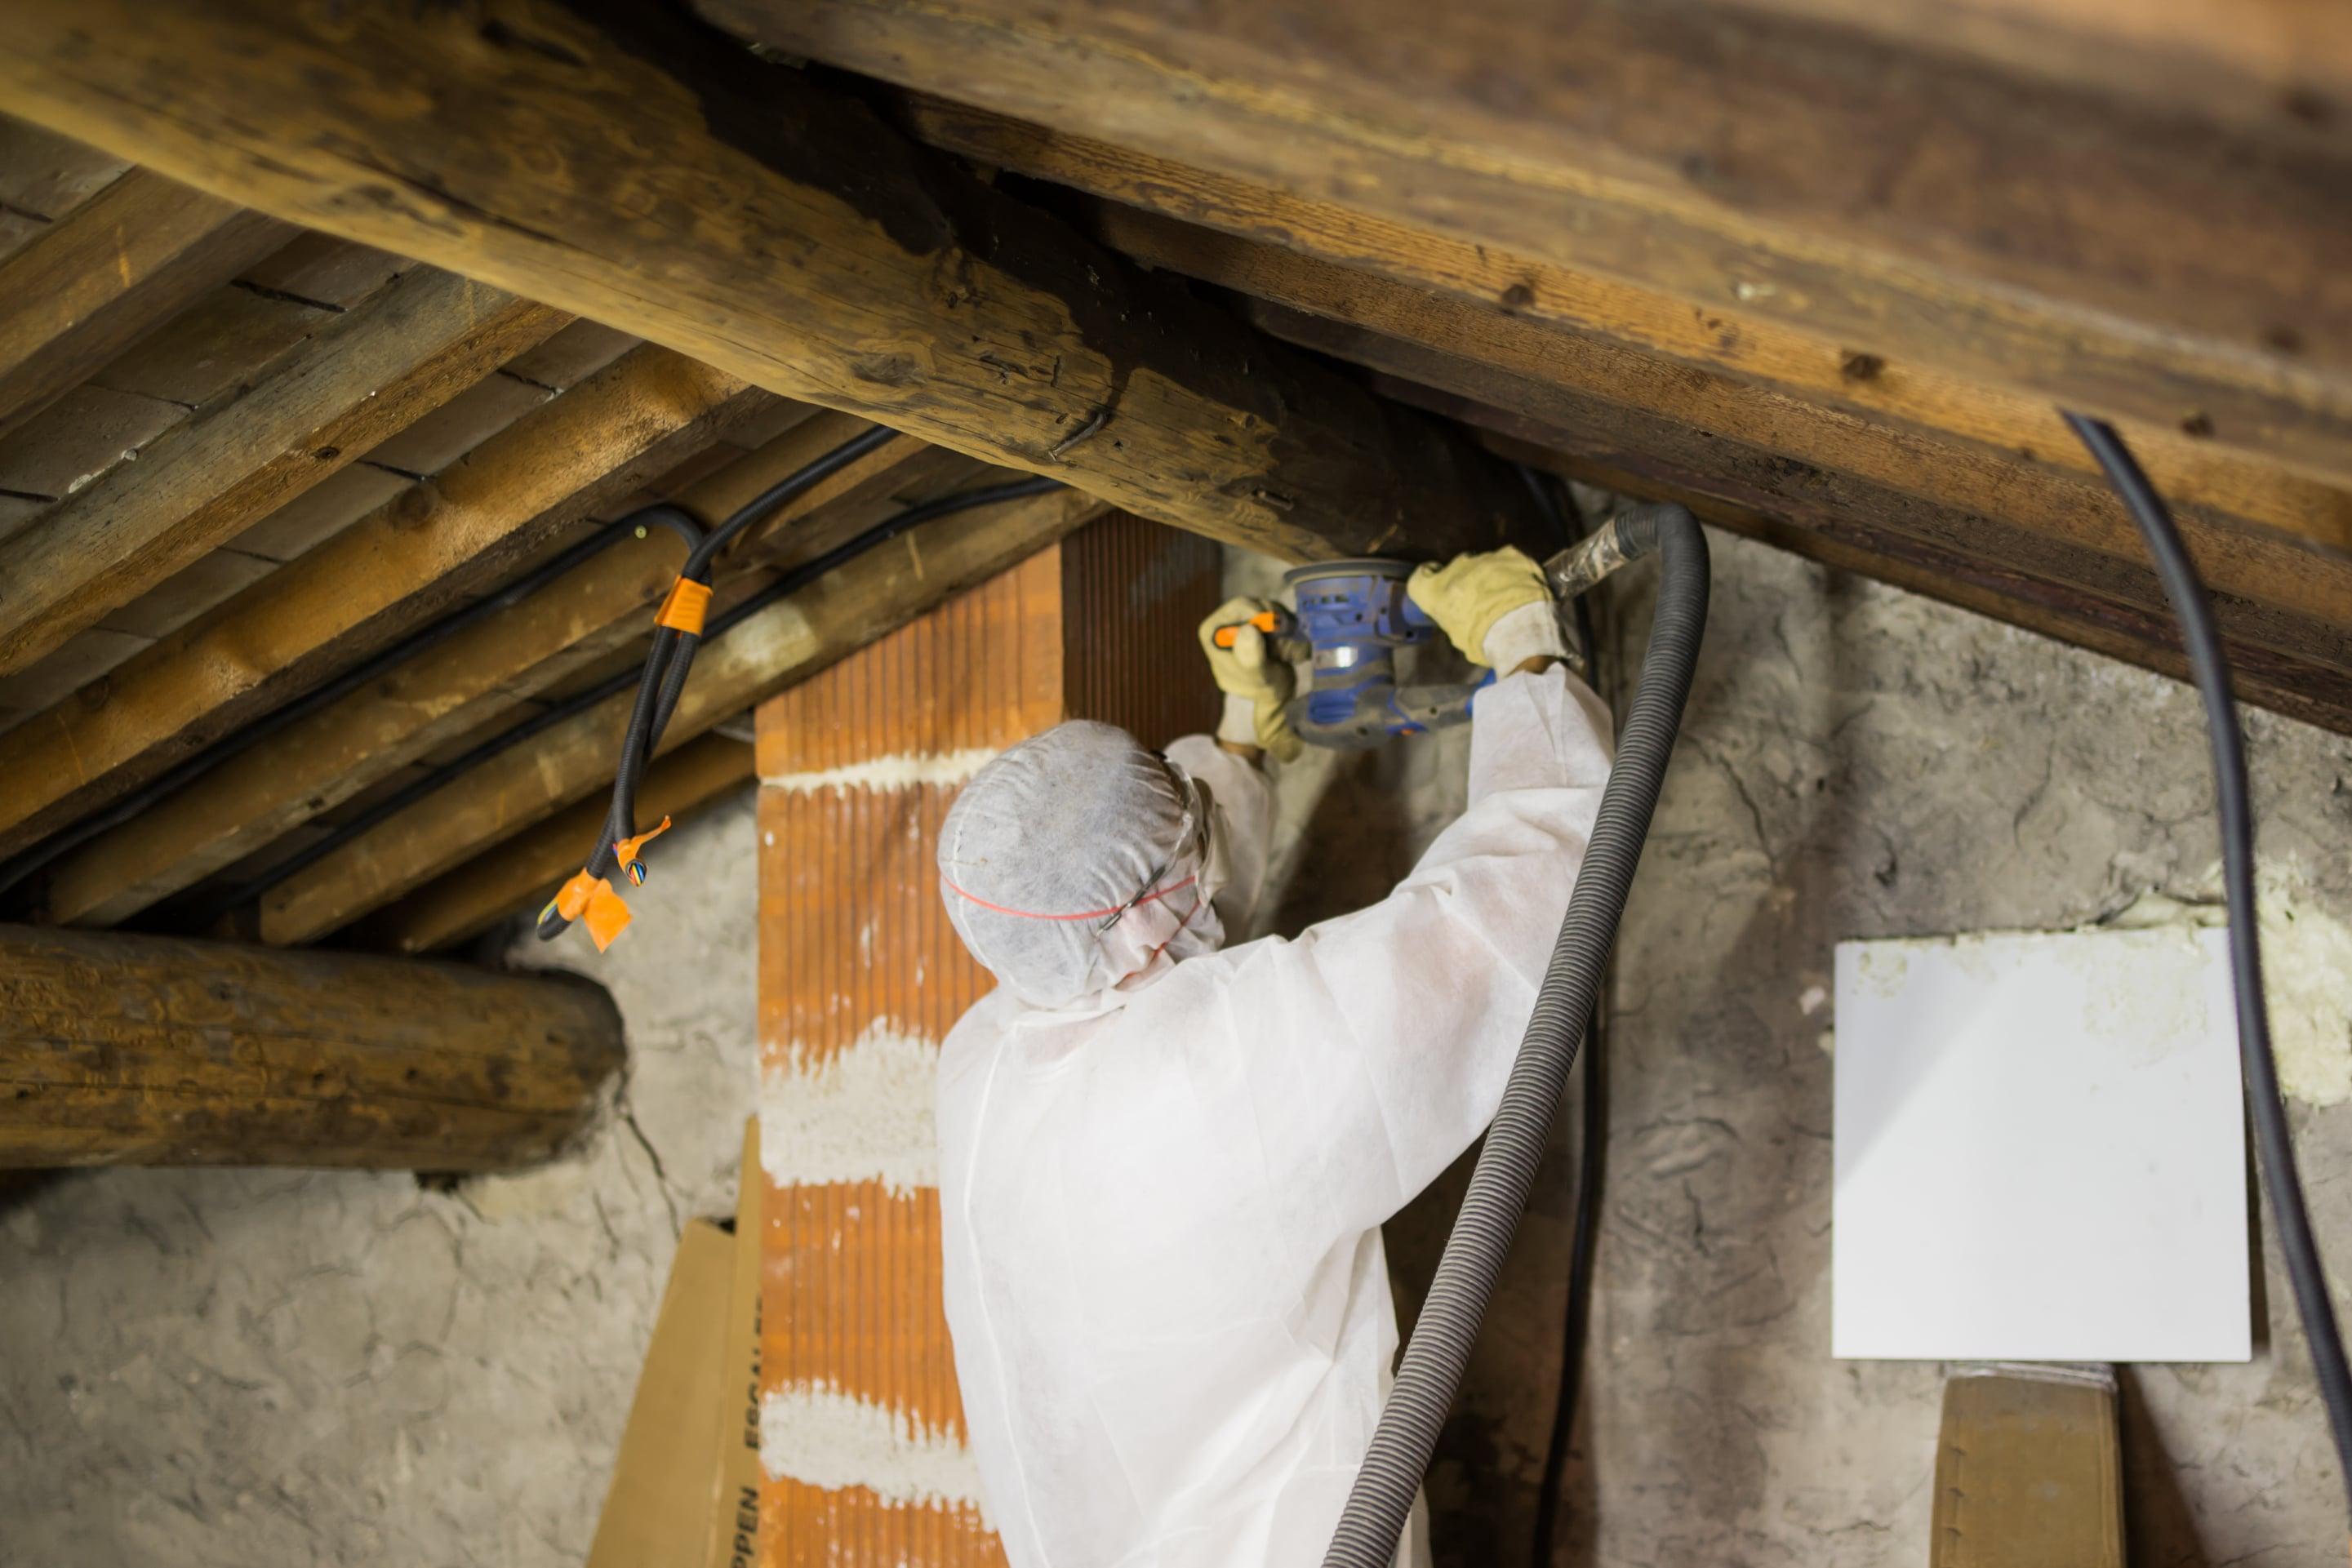 Comment Isoler Un Plafond Contre Le Bruit prix d'isolation phonique d'un plafond